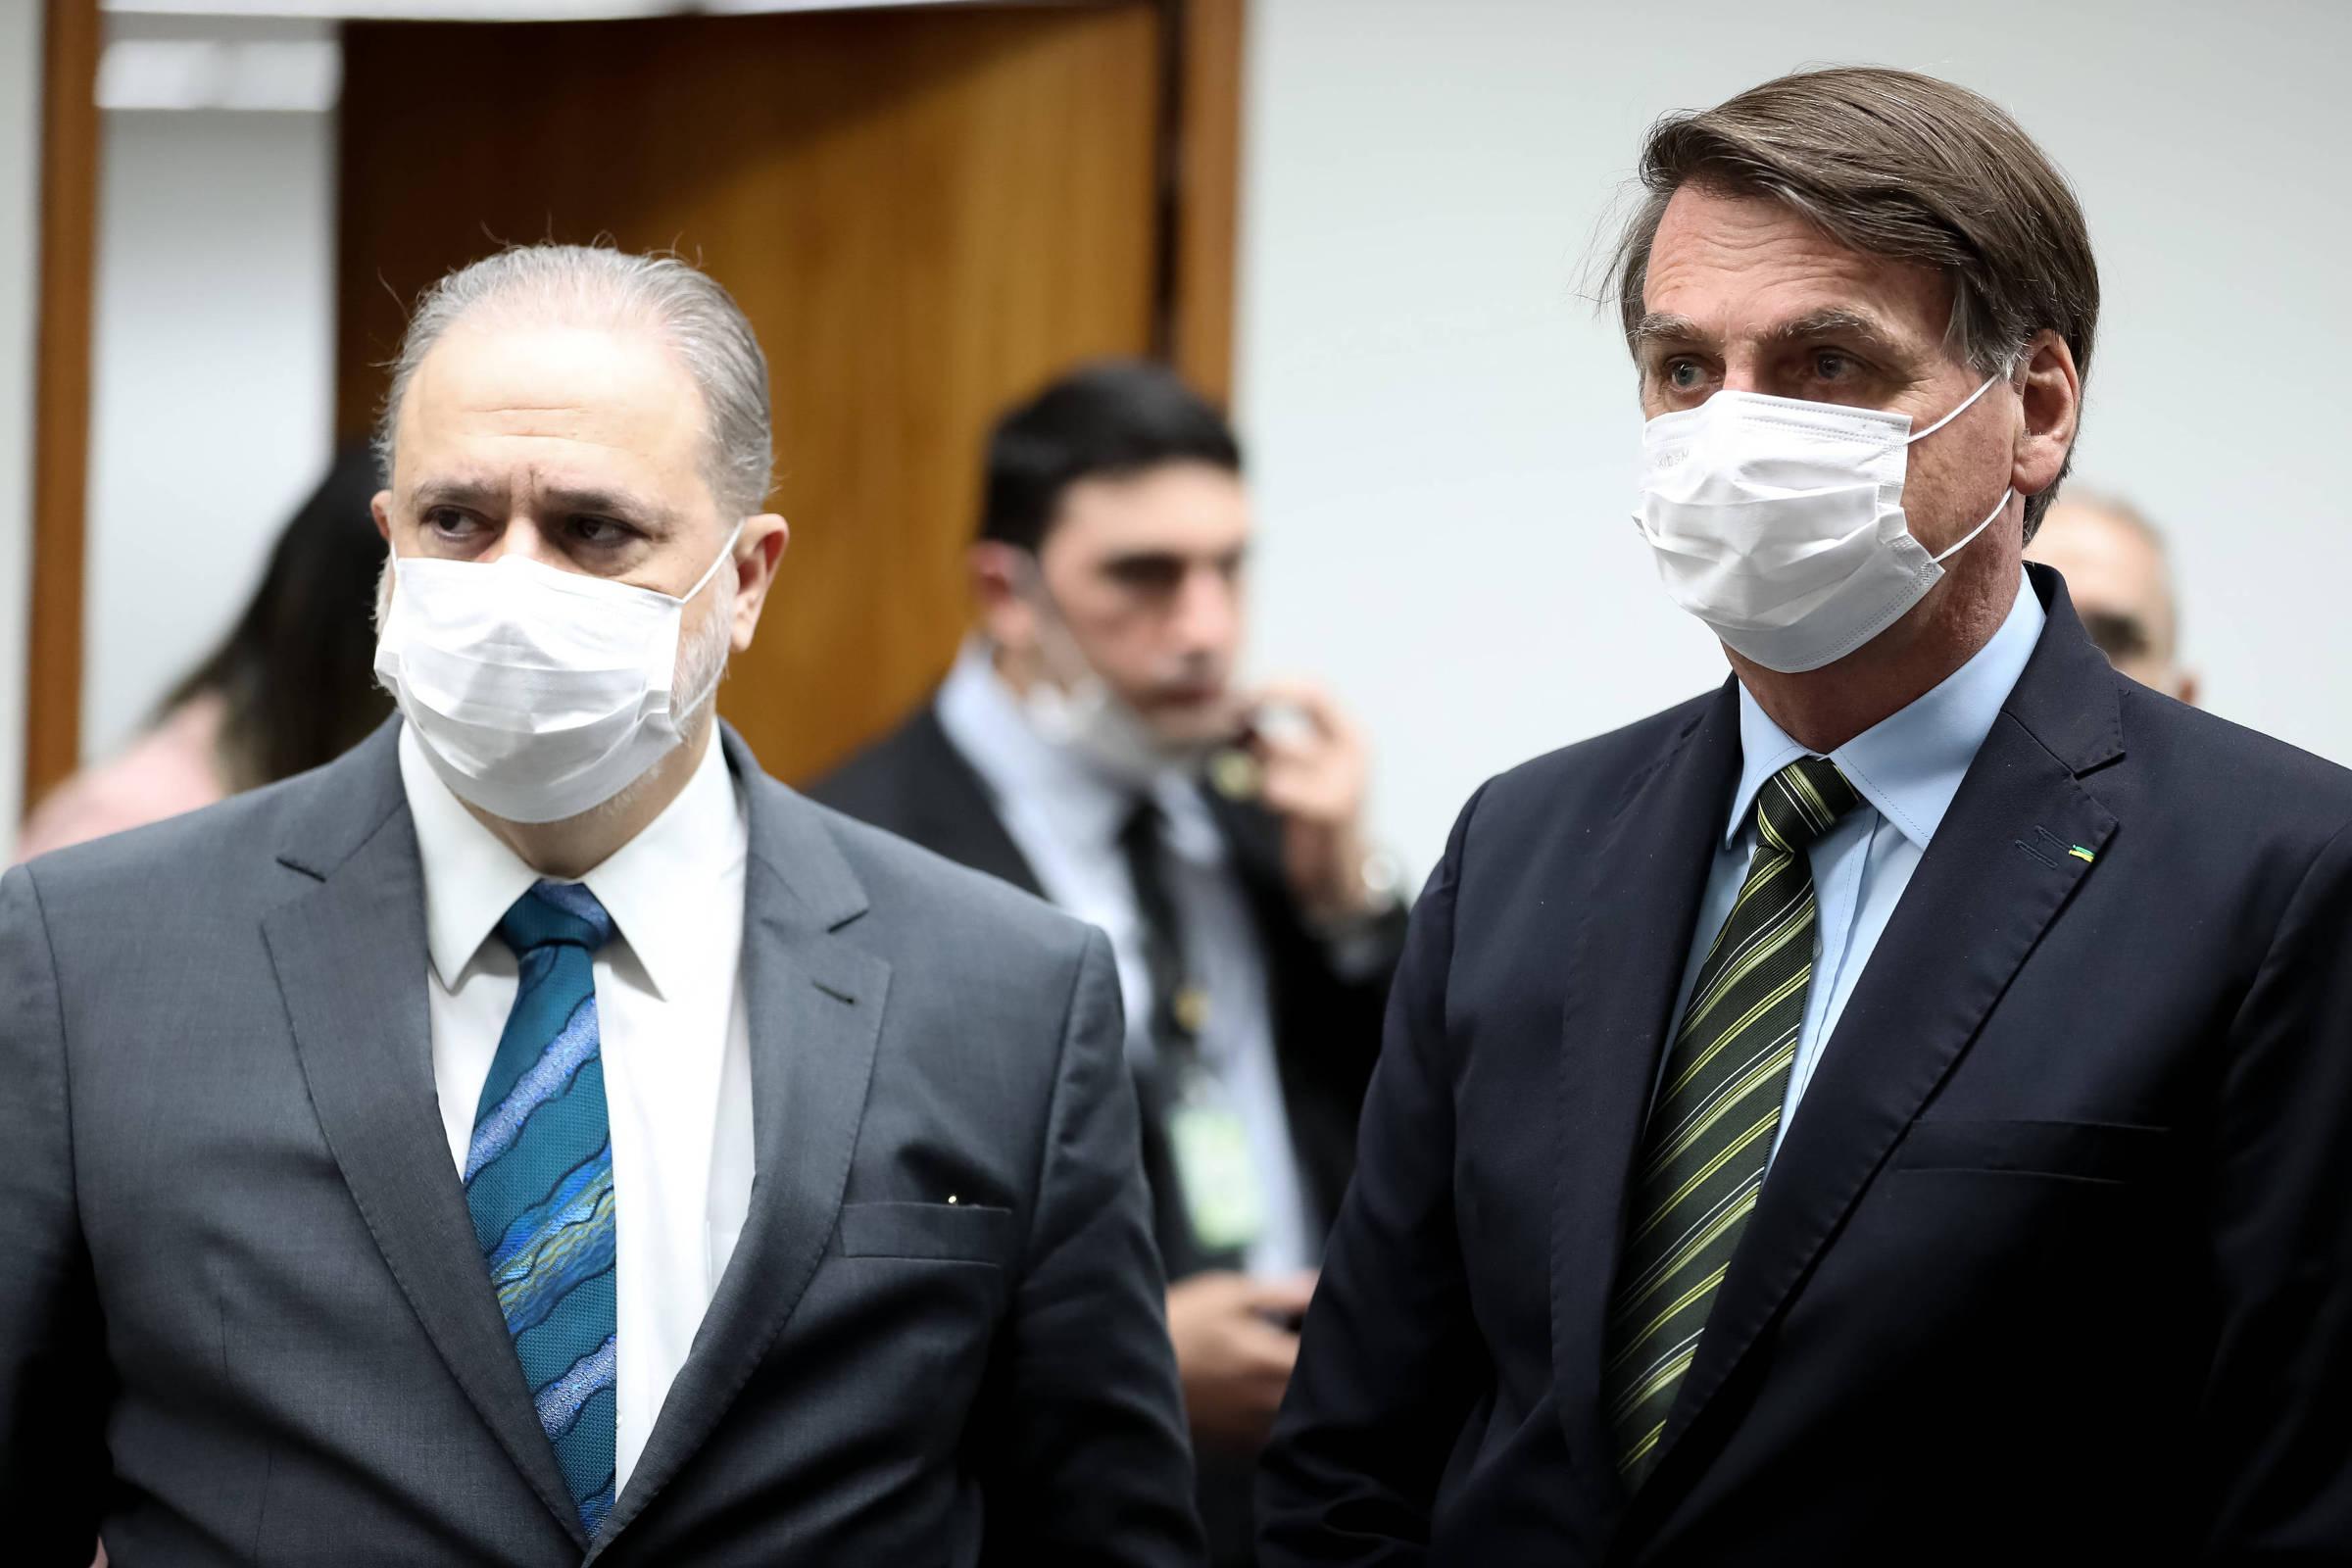 Visita surpresa de Bolsonaro a Aras é vista no Supremo Tribunal como novo ato de pressão do presidente - 25/05/2020 - Poder